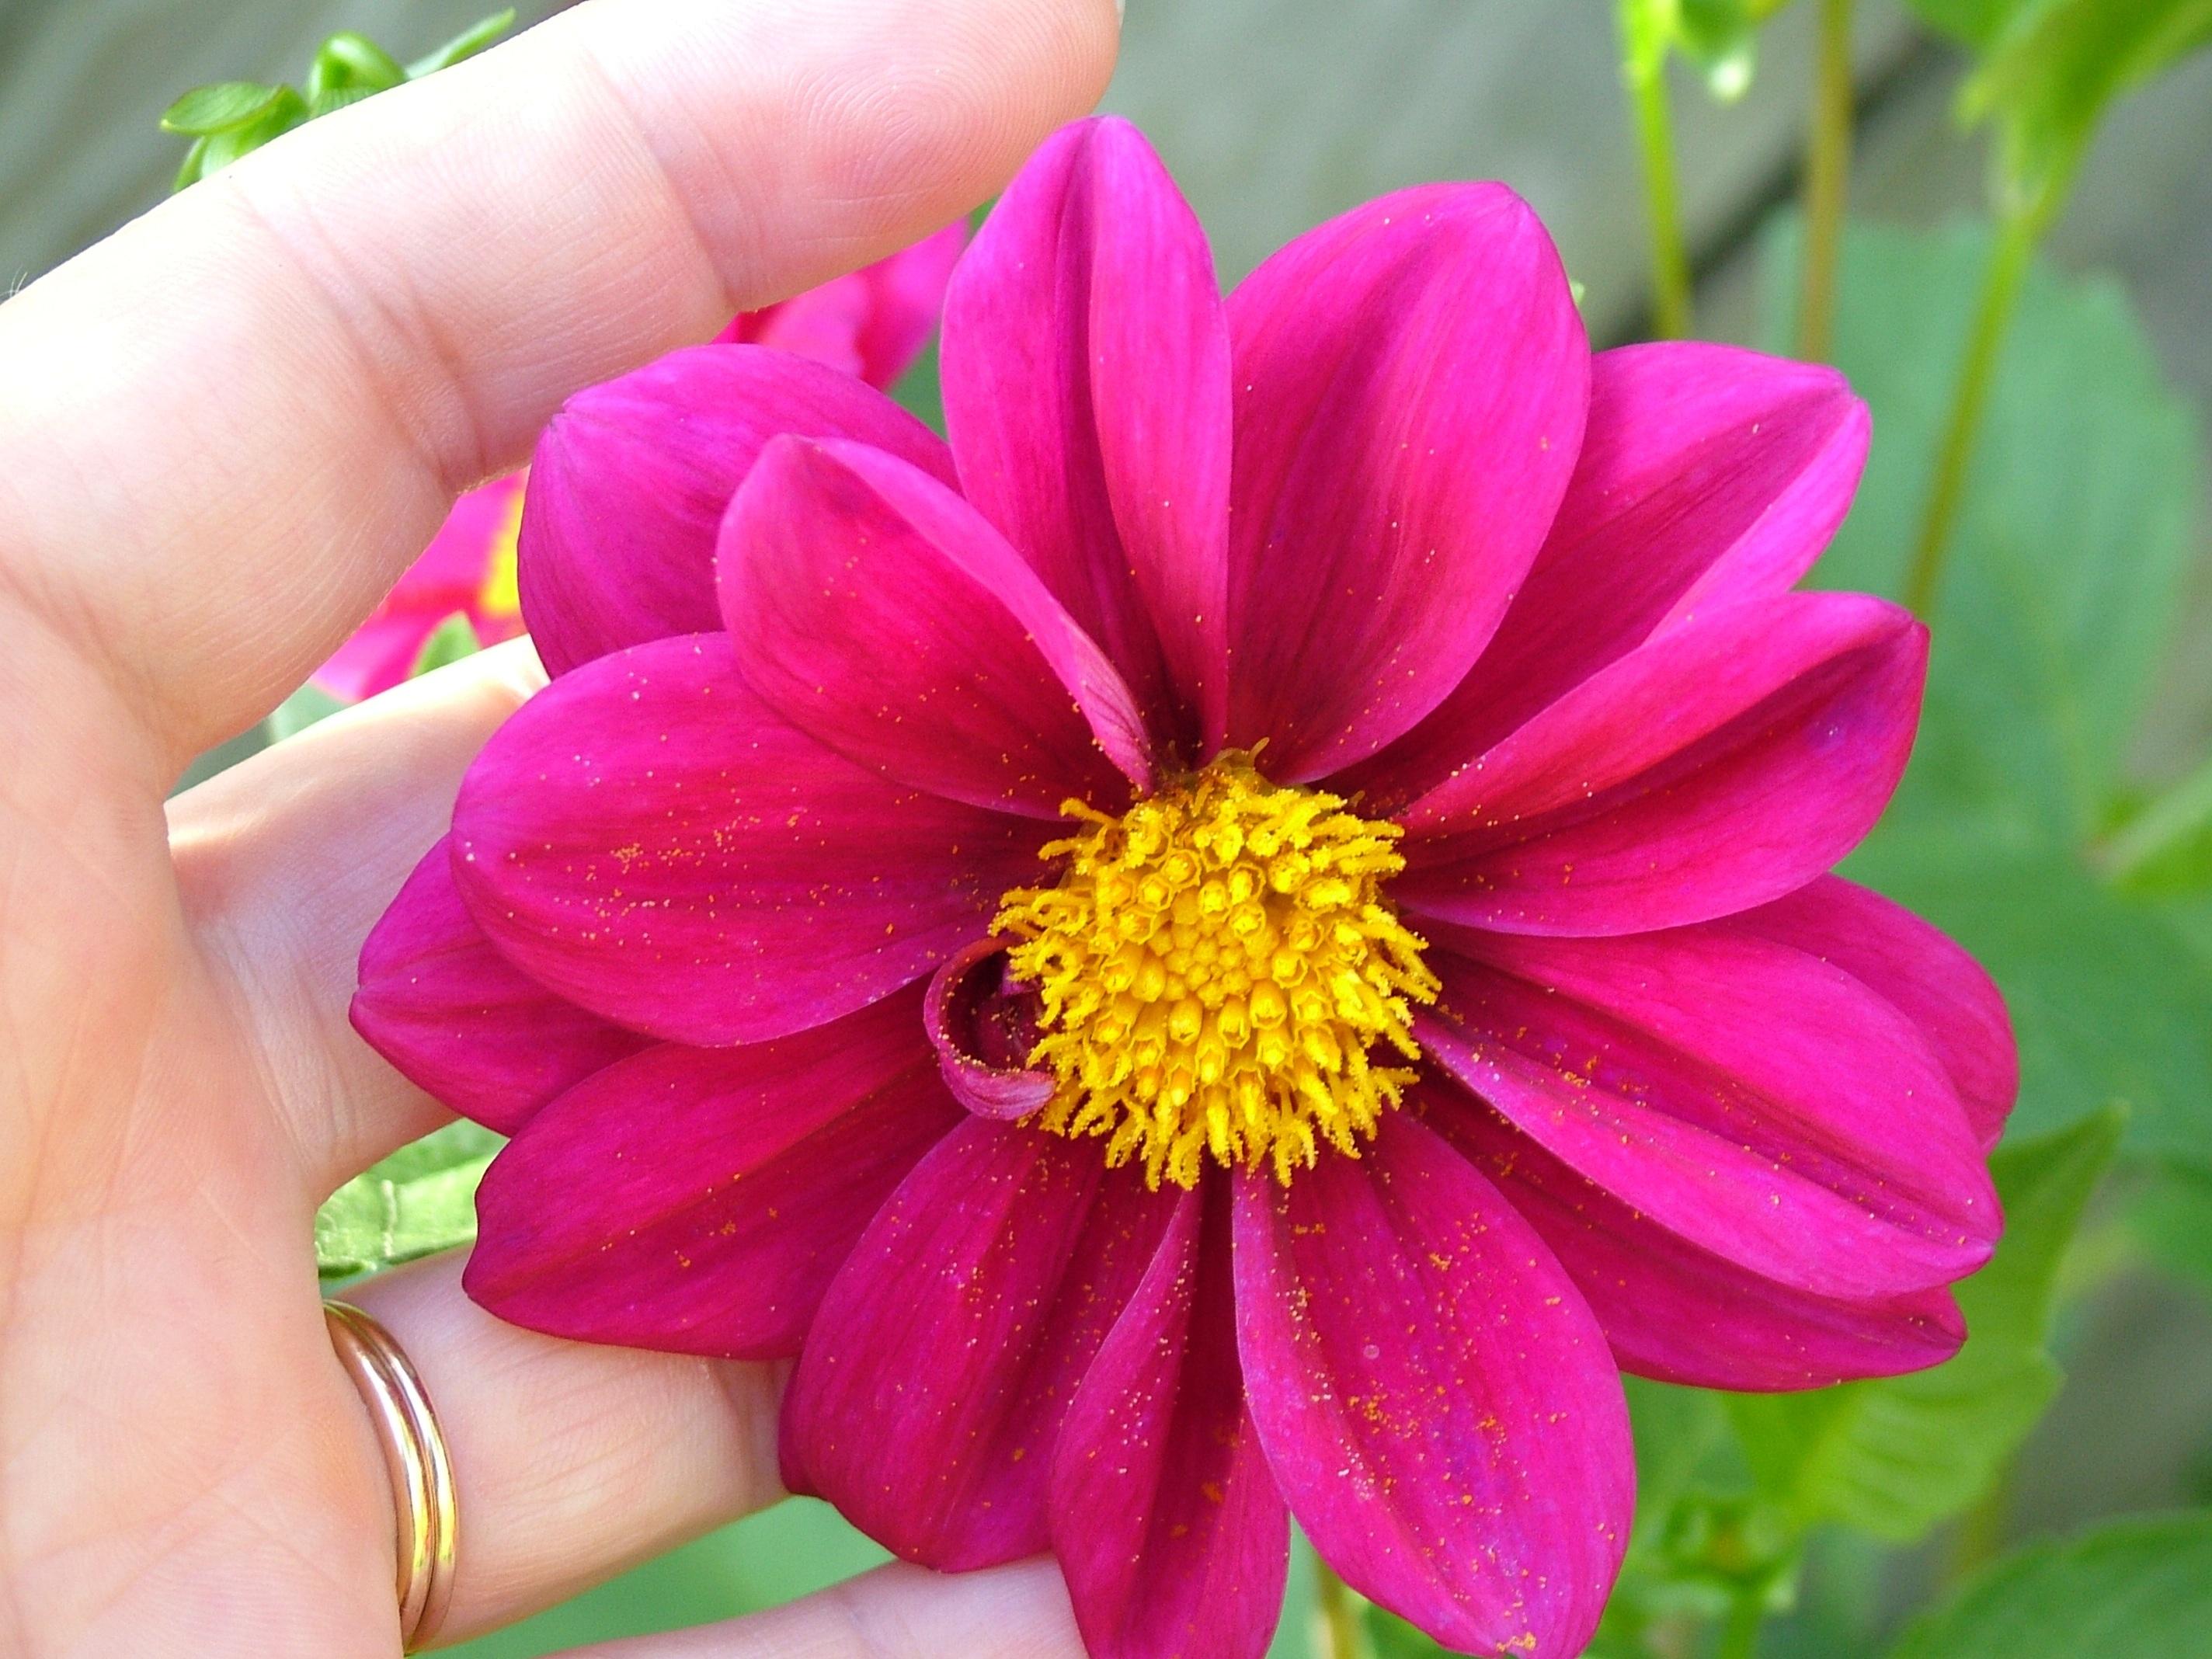 Gambar Mekar Menanam Daun Bunga Musim Panas Bunga Warna